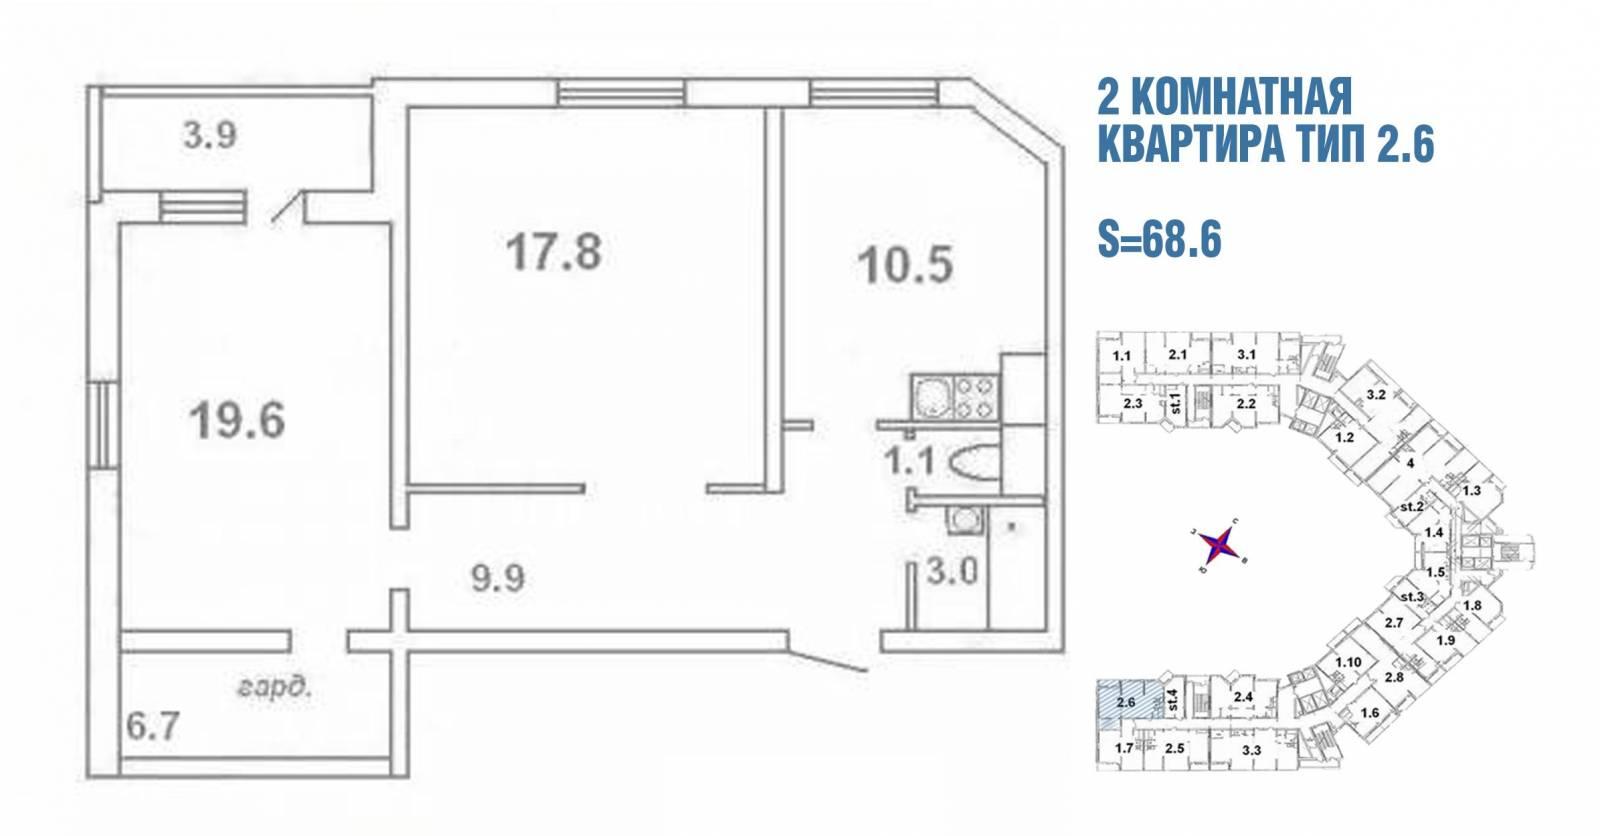 2-х комнатные квартиры тип 2.6 - 68,6 кв.м.